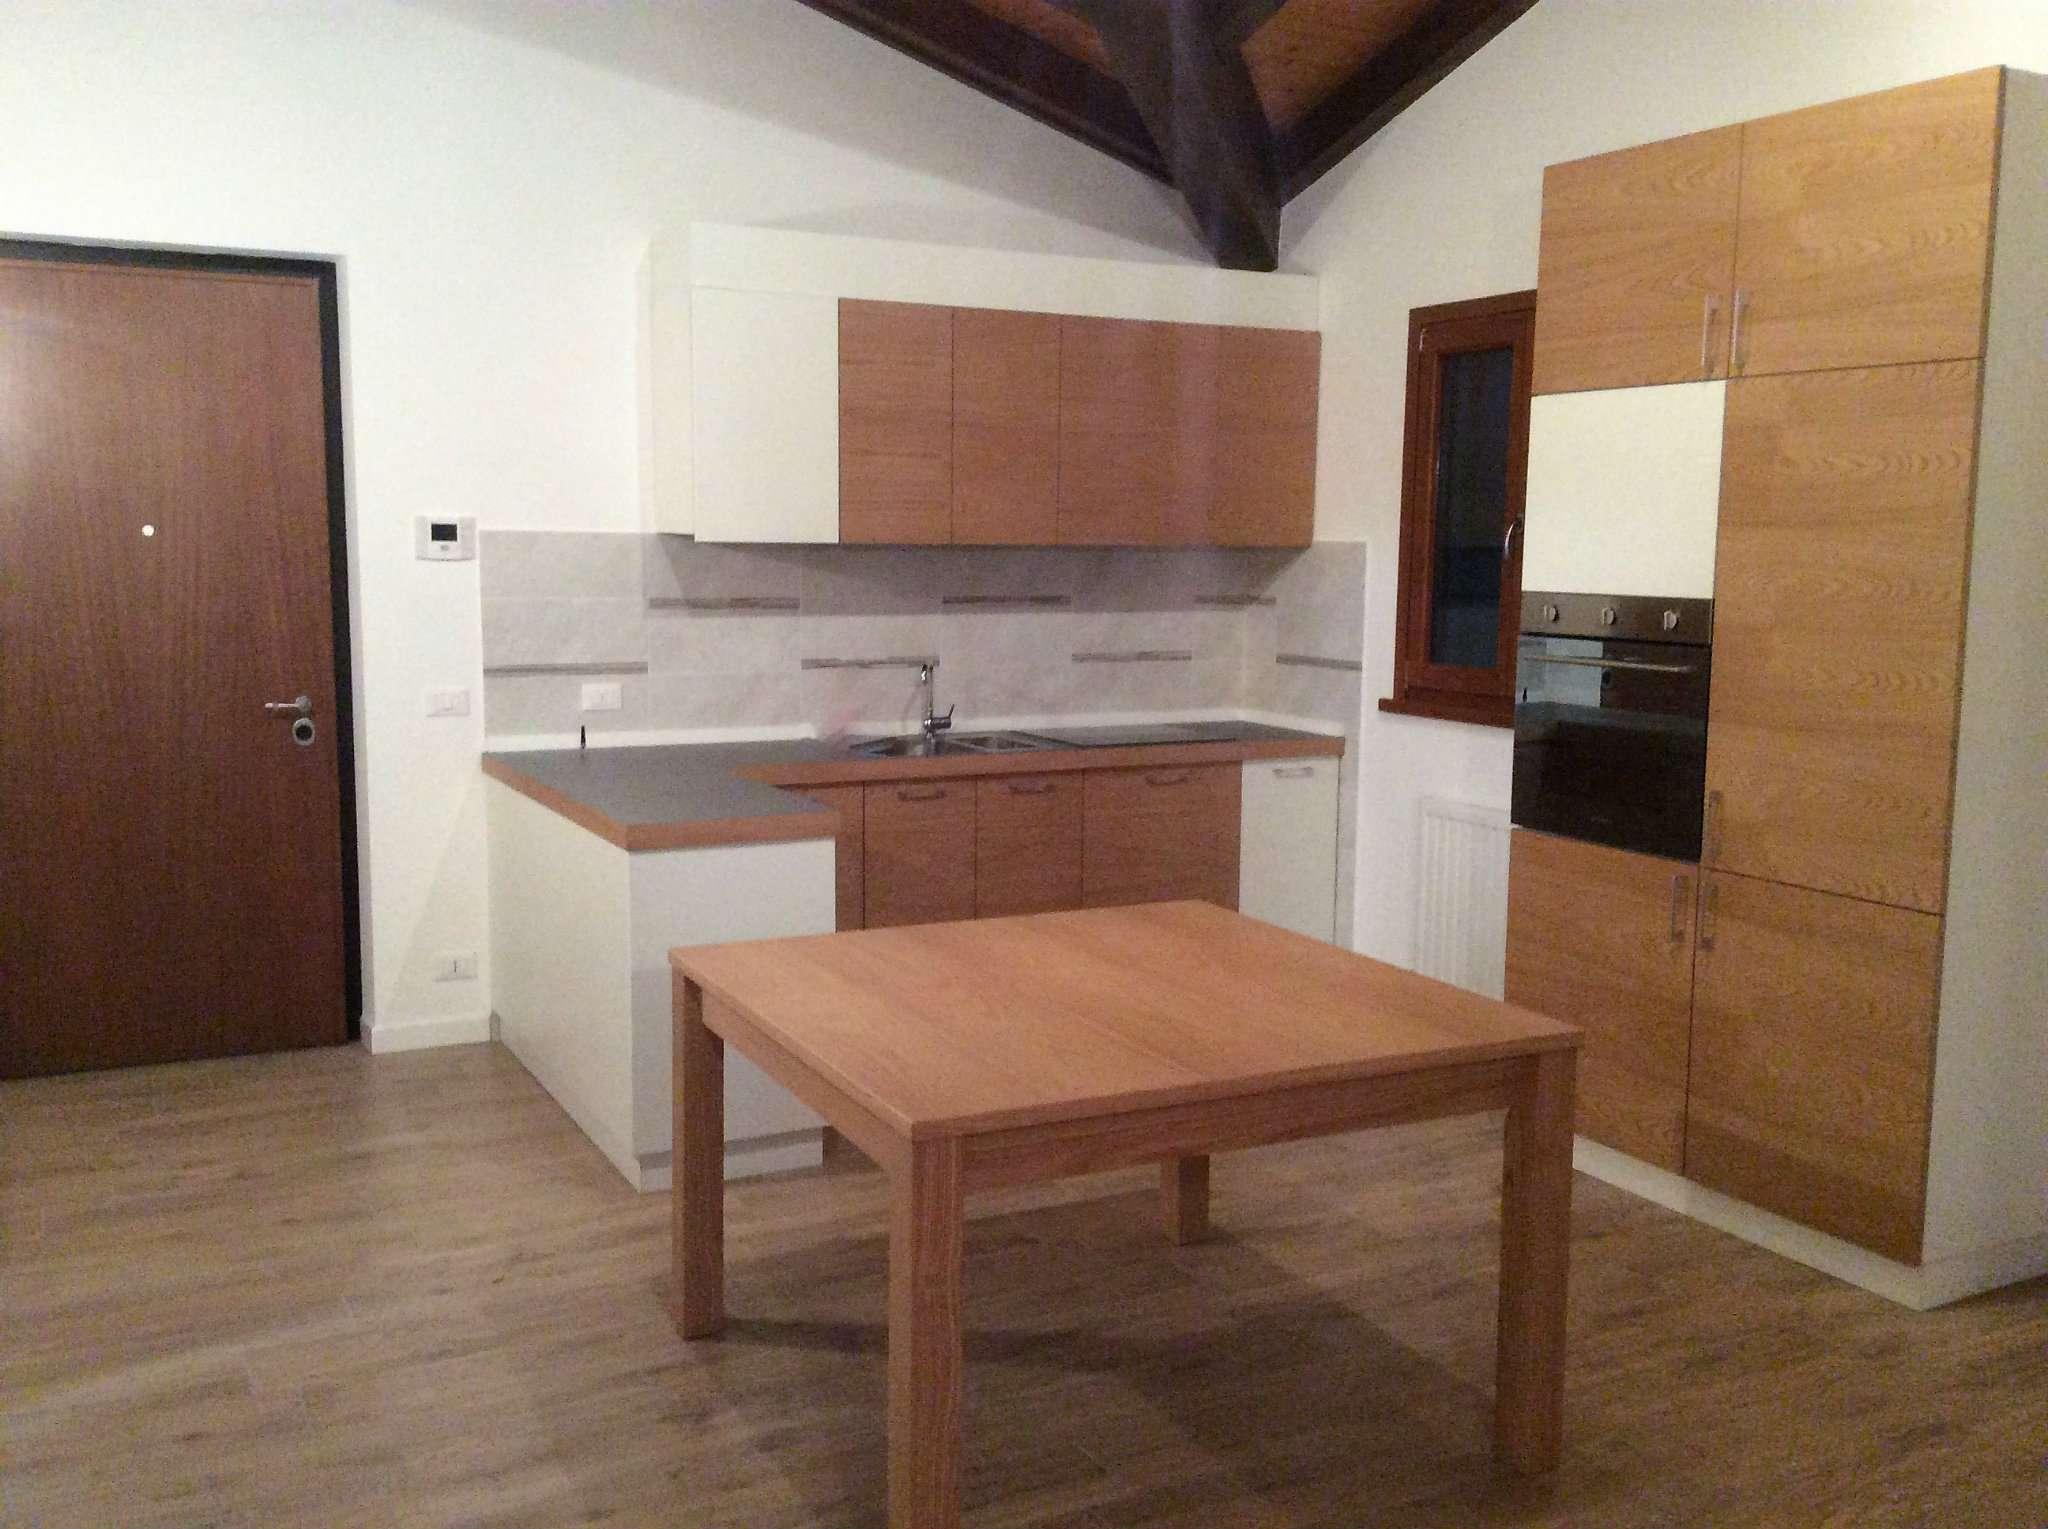 Appartamento in vendita a Premariacco, 3 locali, prezzo € 155.000 | CambioCasa.it